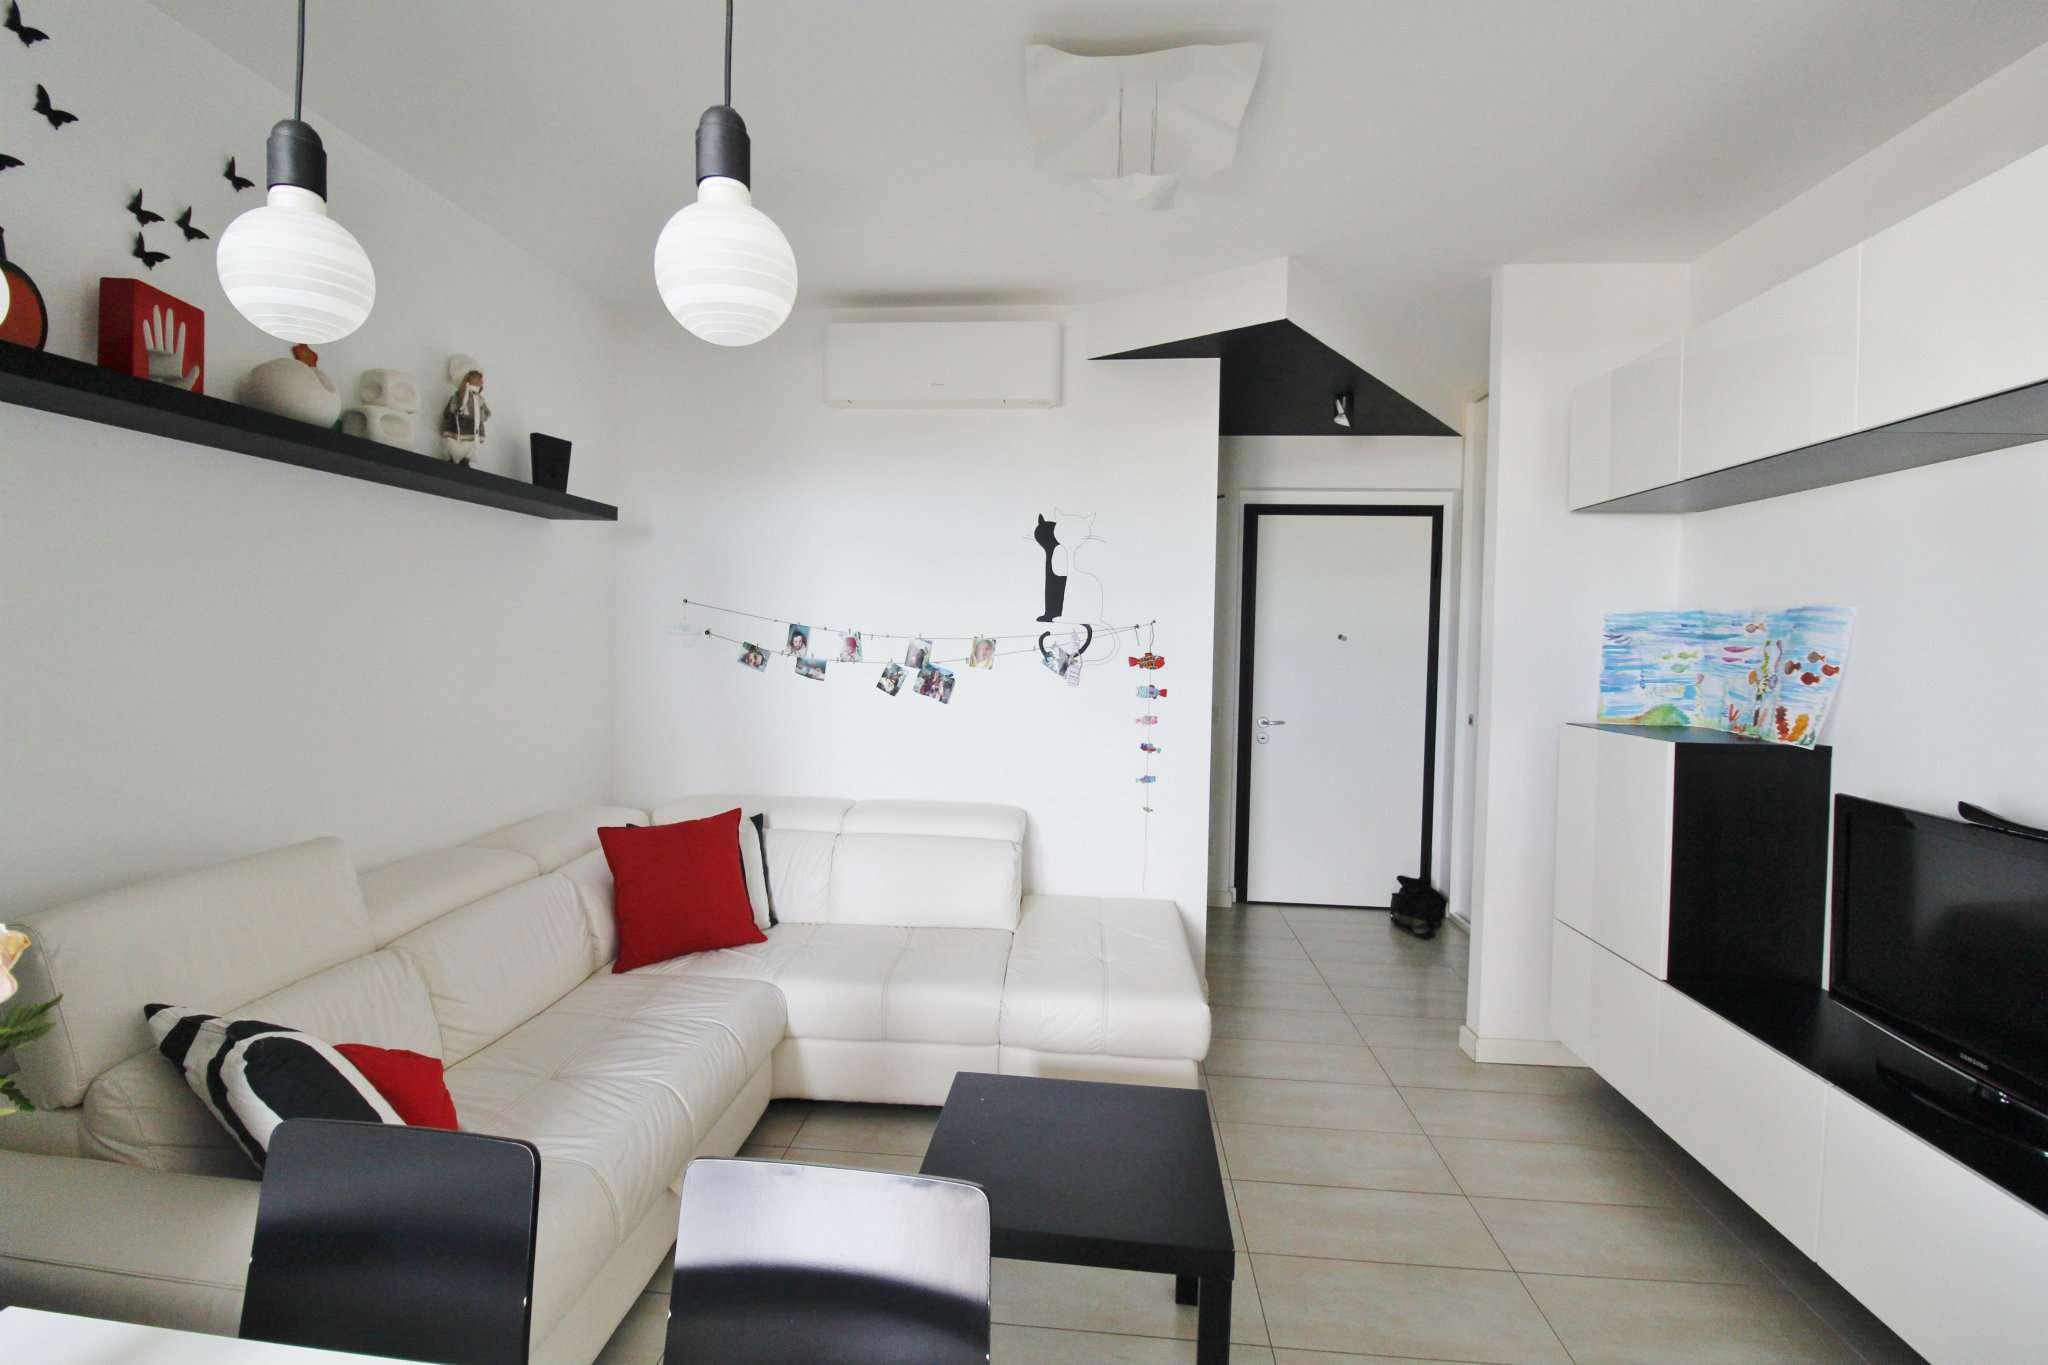 Appartamento in vendita a Caponago, 3 locali, prezzo € 185.000 | CambioCasa.it